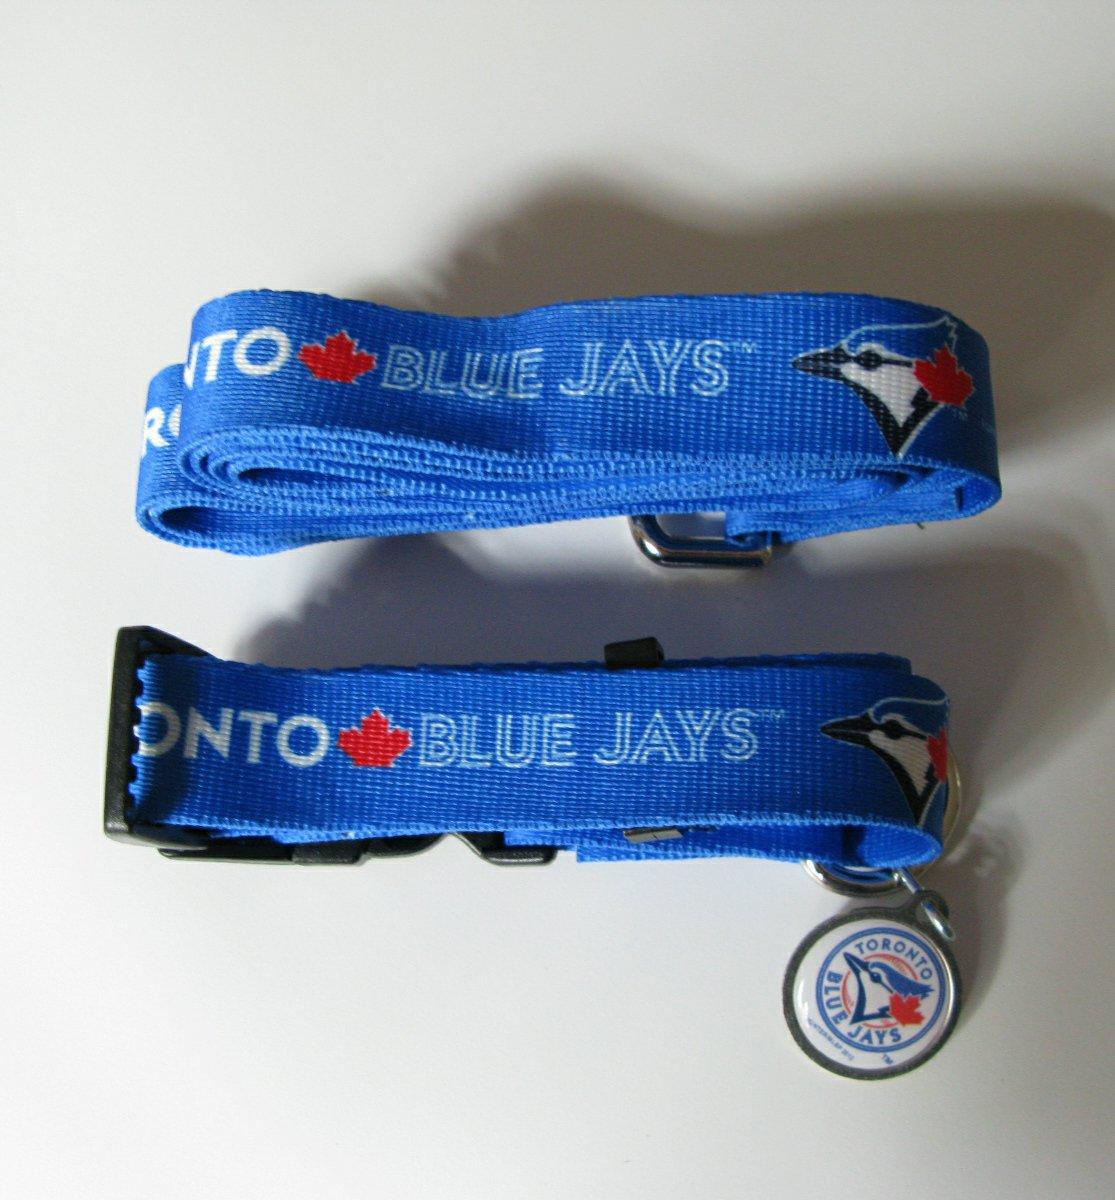 Toronto Blue Jays Pet Dog Leash Set Collar ID Tag Large